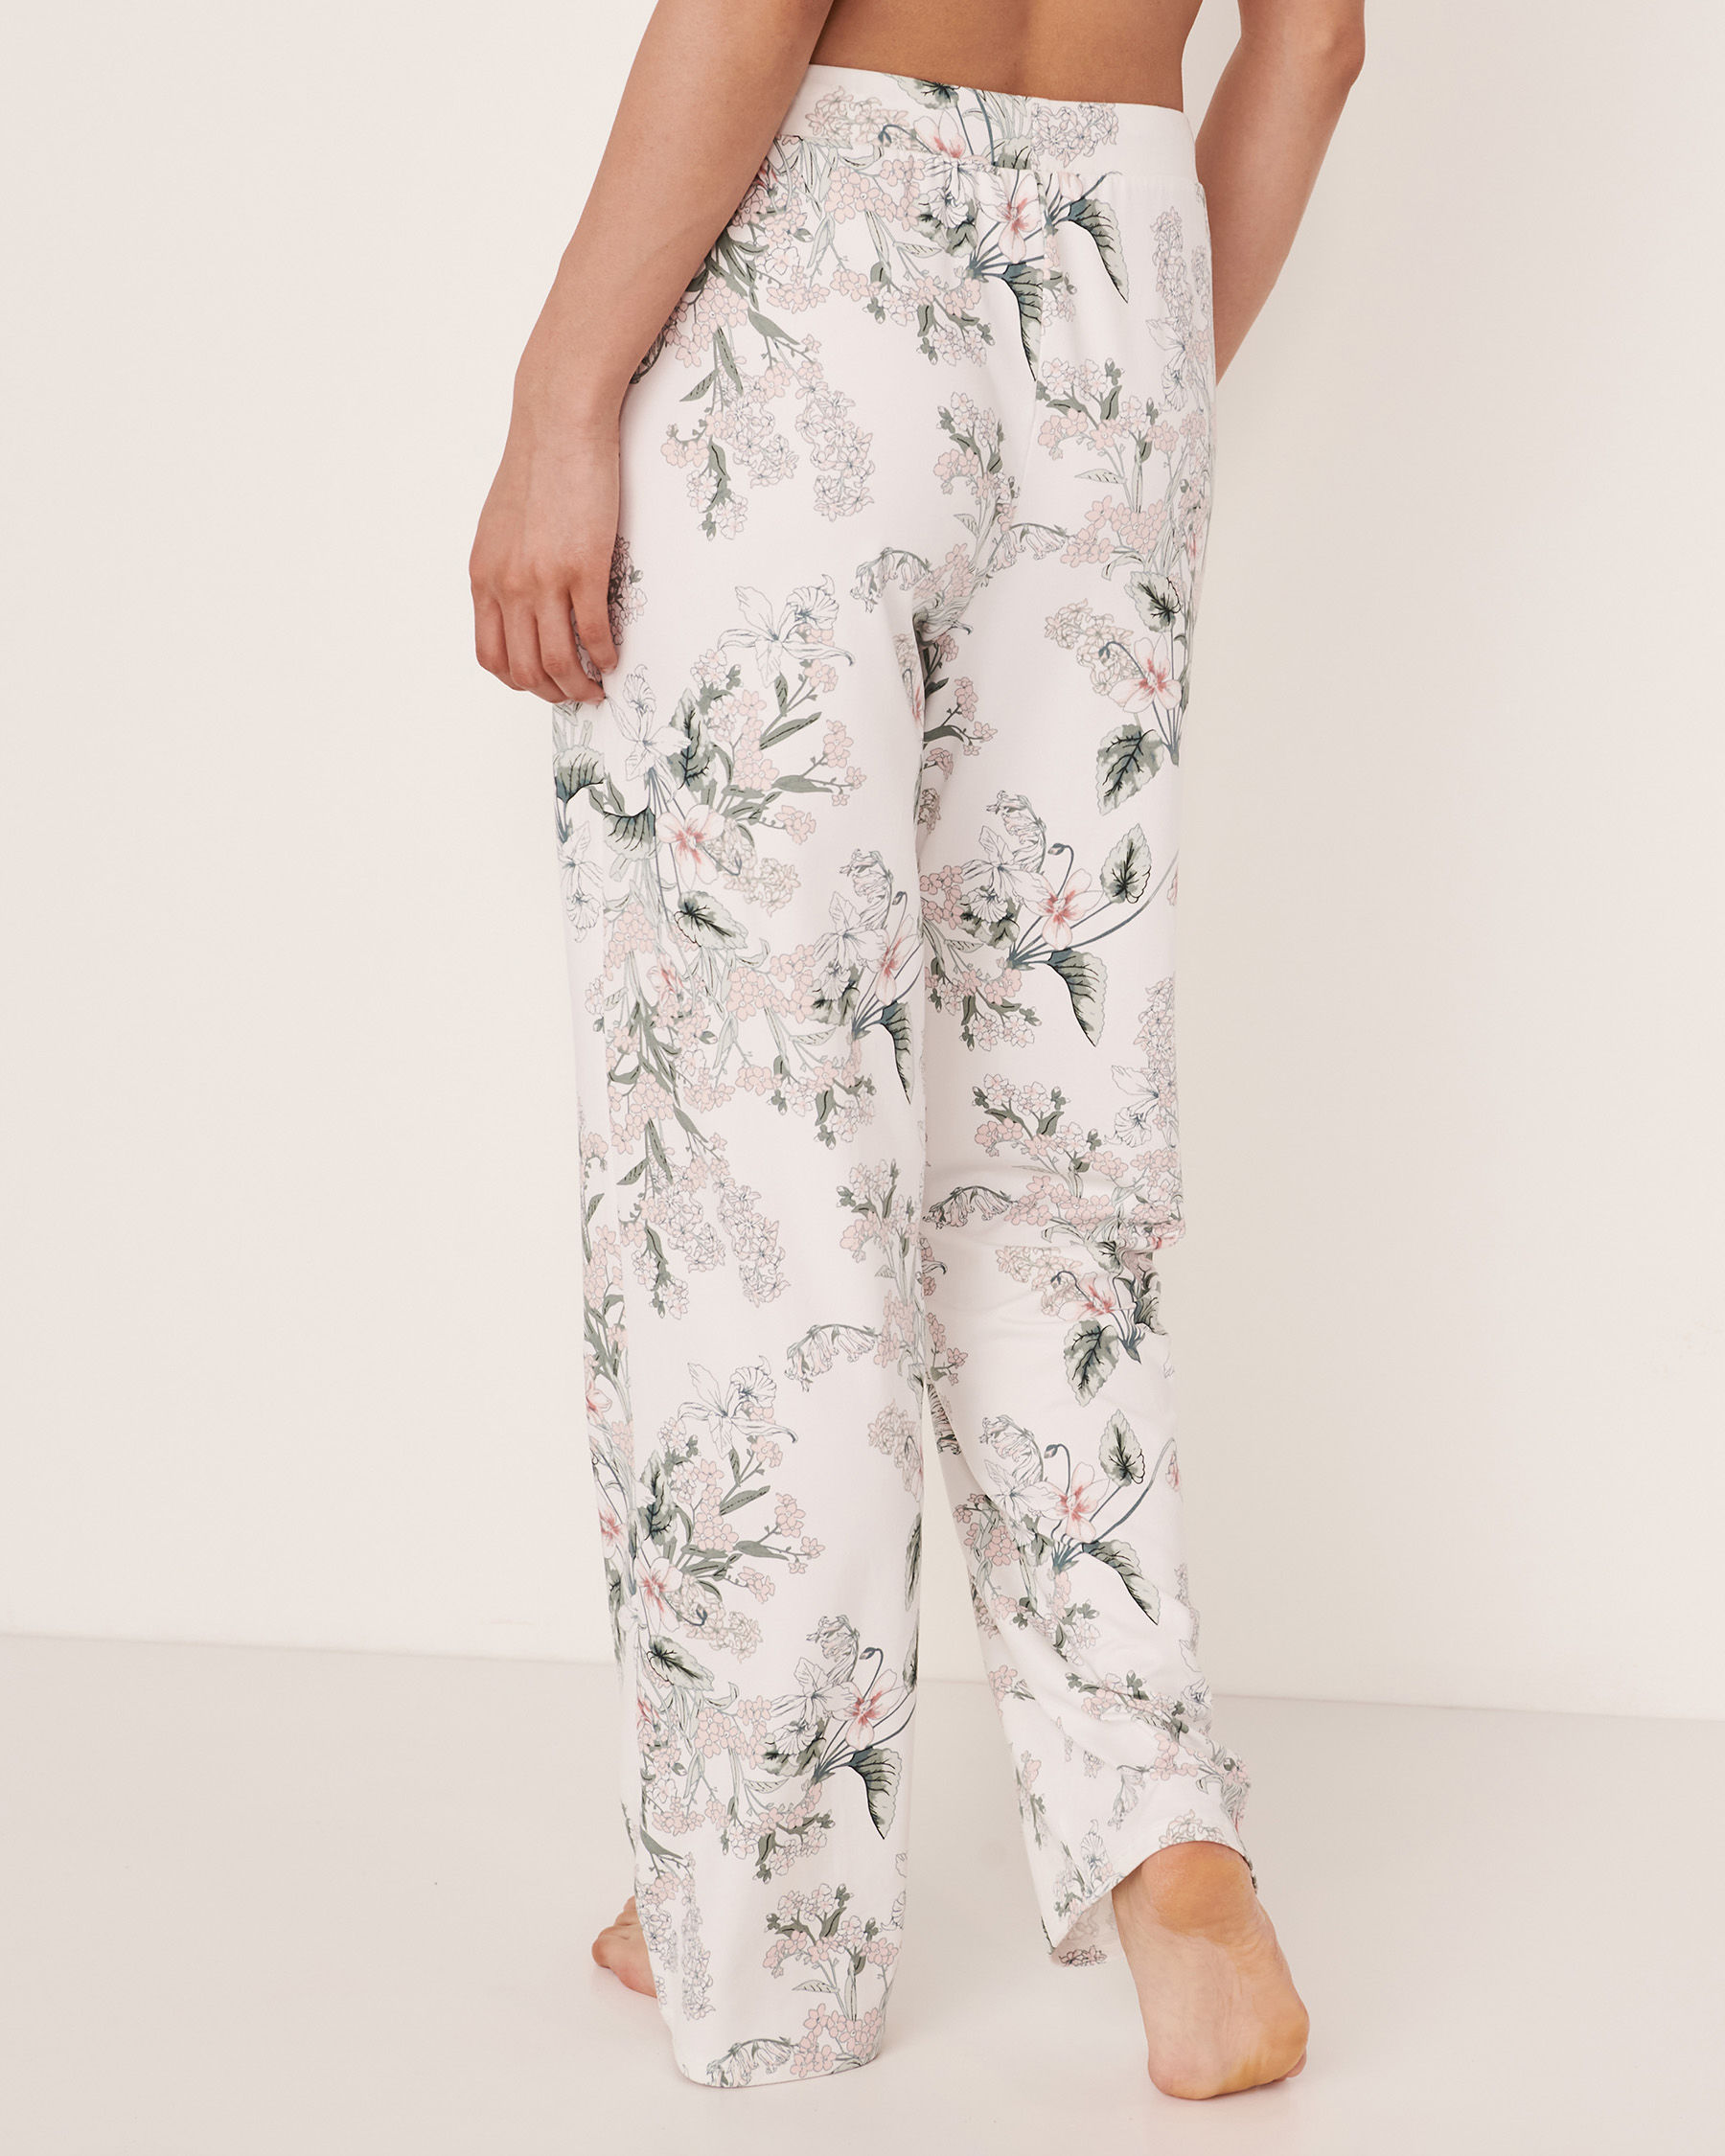 LA VIE EN ROSE Wide Leg Pant Flower bouquet 40200073 - View4